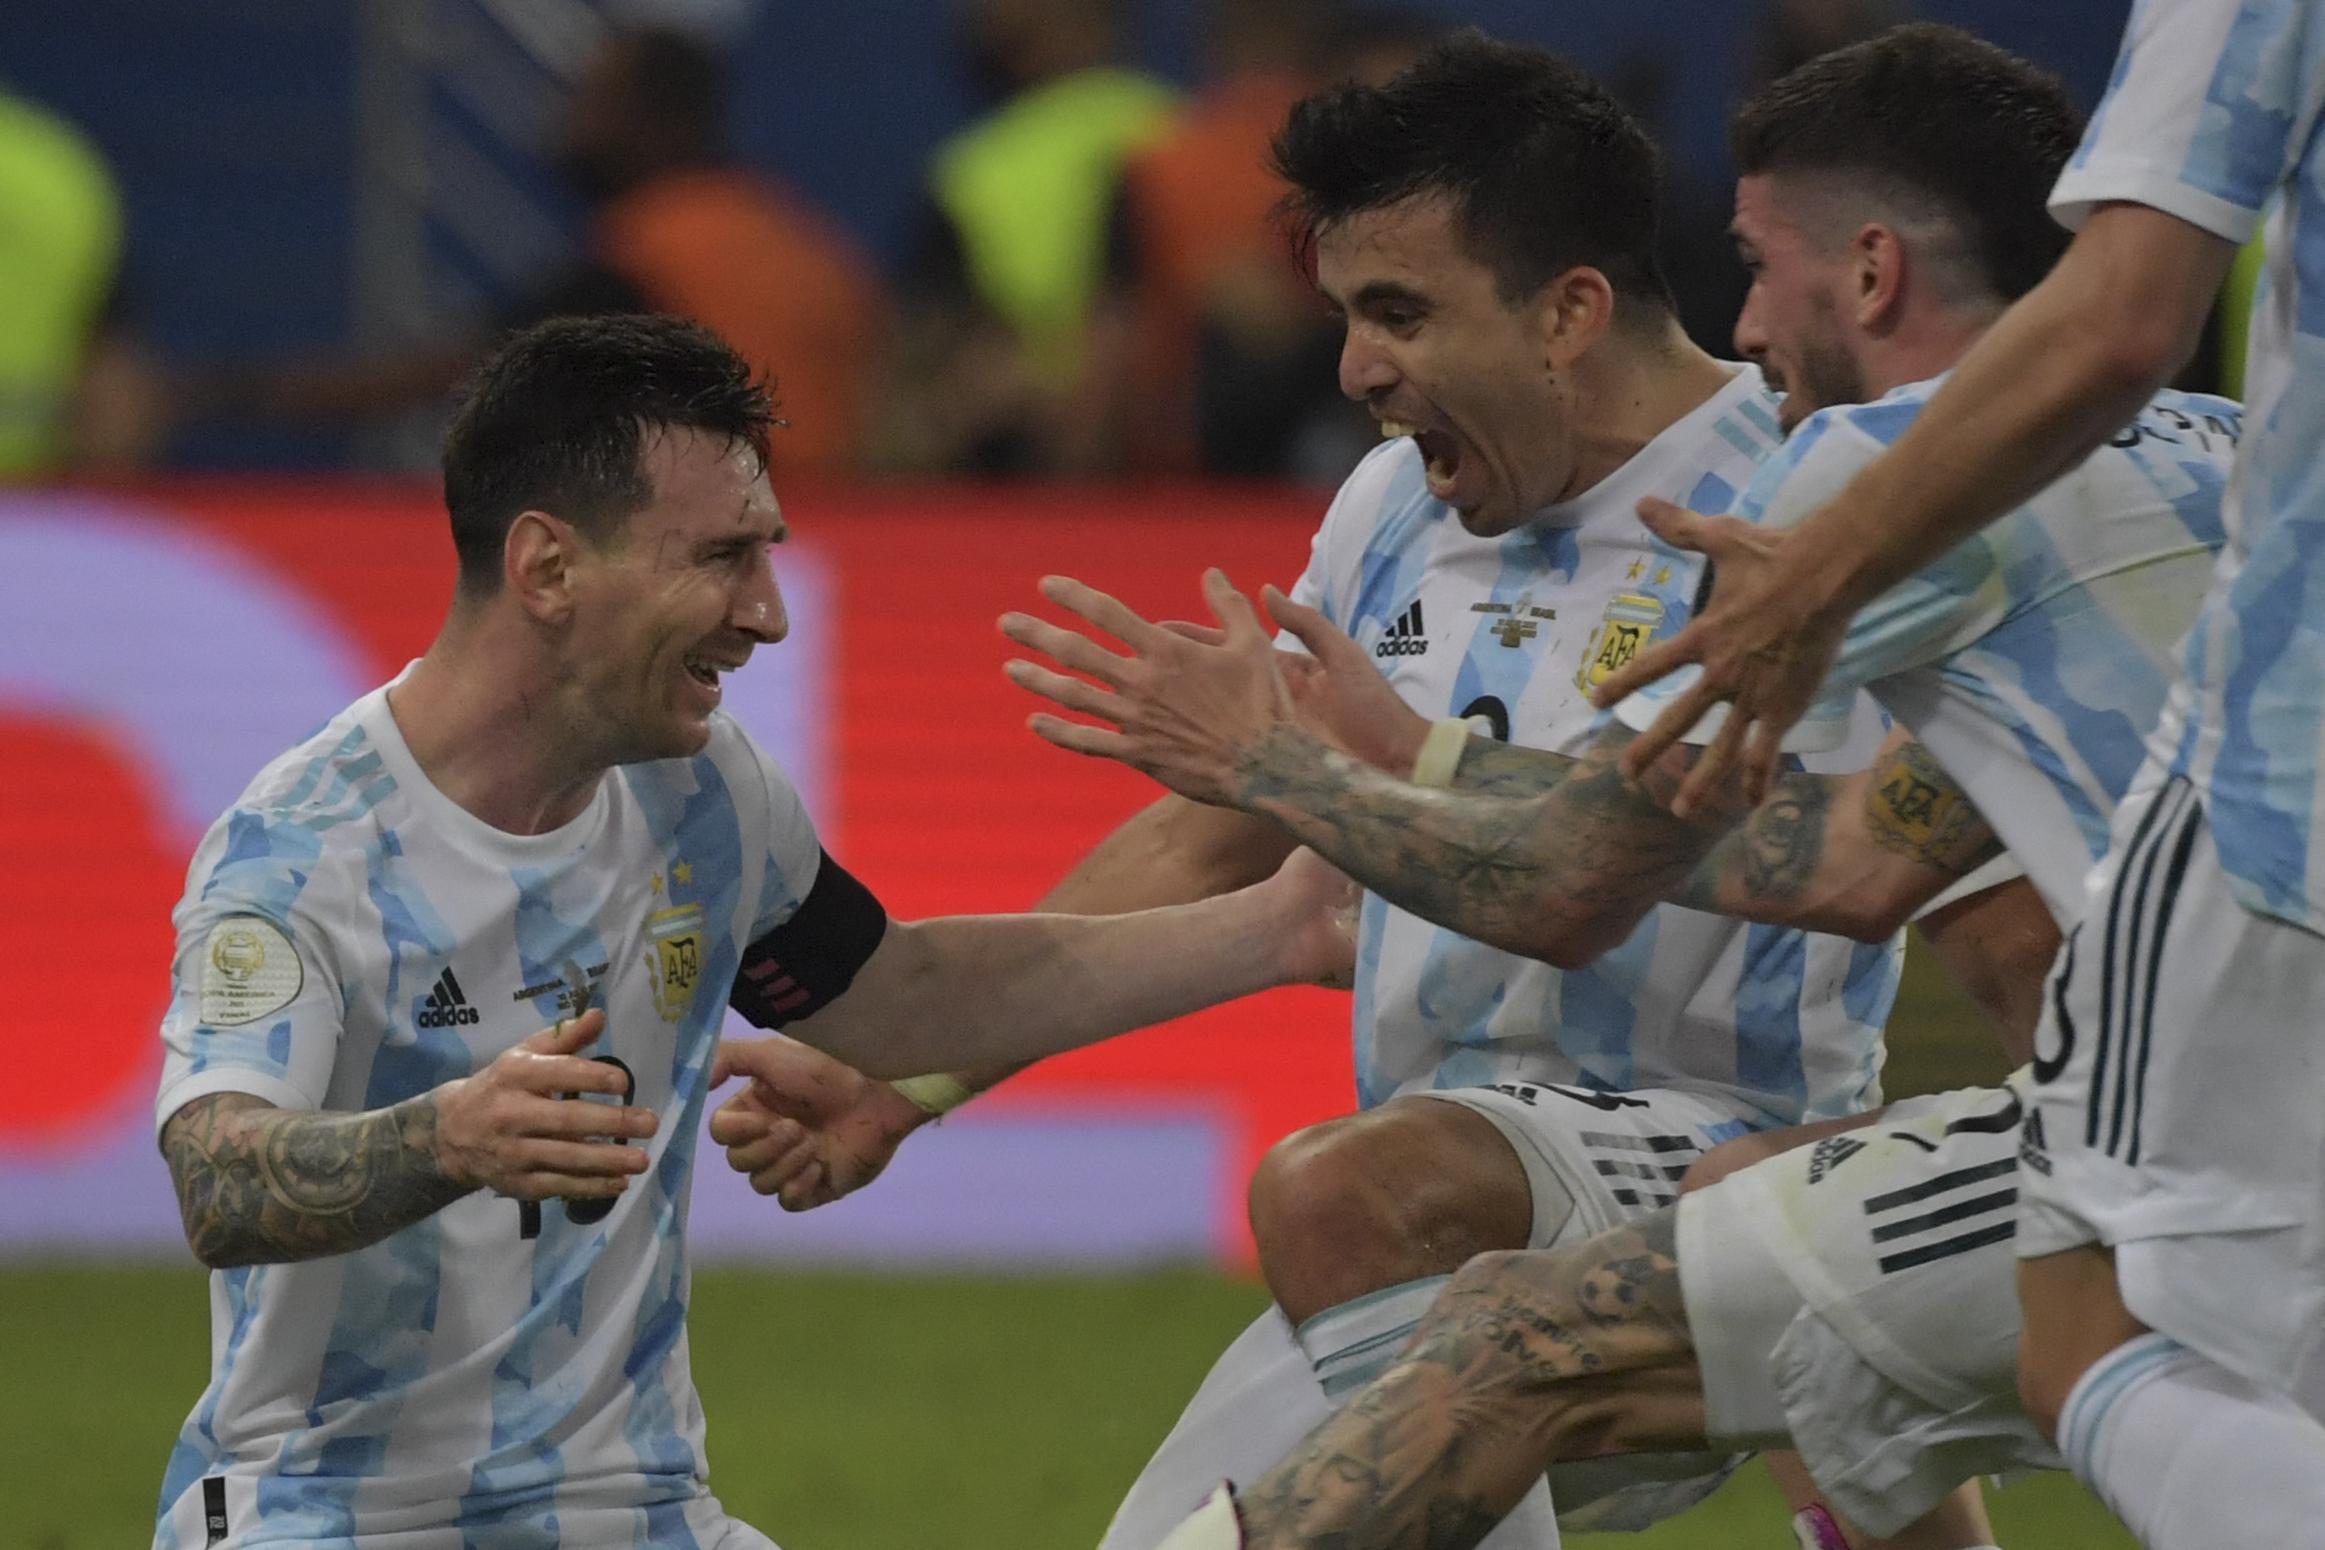 मैच के बाद अर्जेंटीना के खिलाड़ियों ने मेसी को गले से लगा लिया।